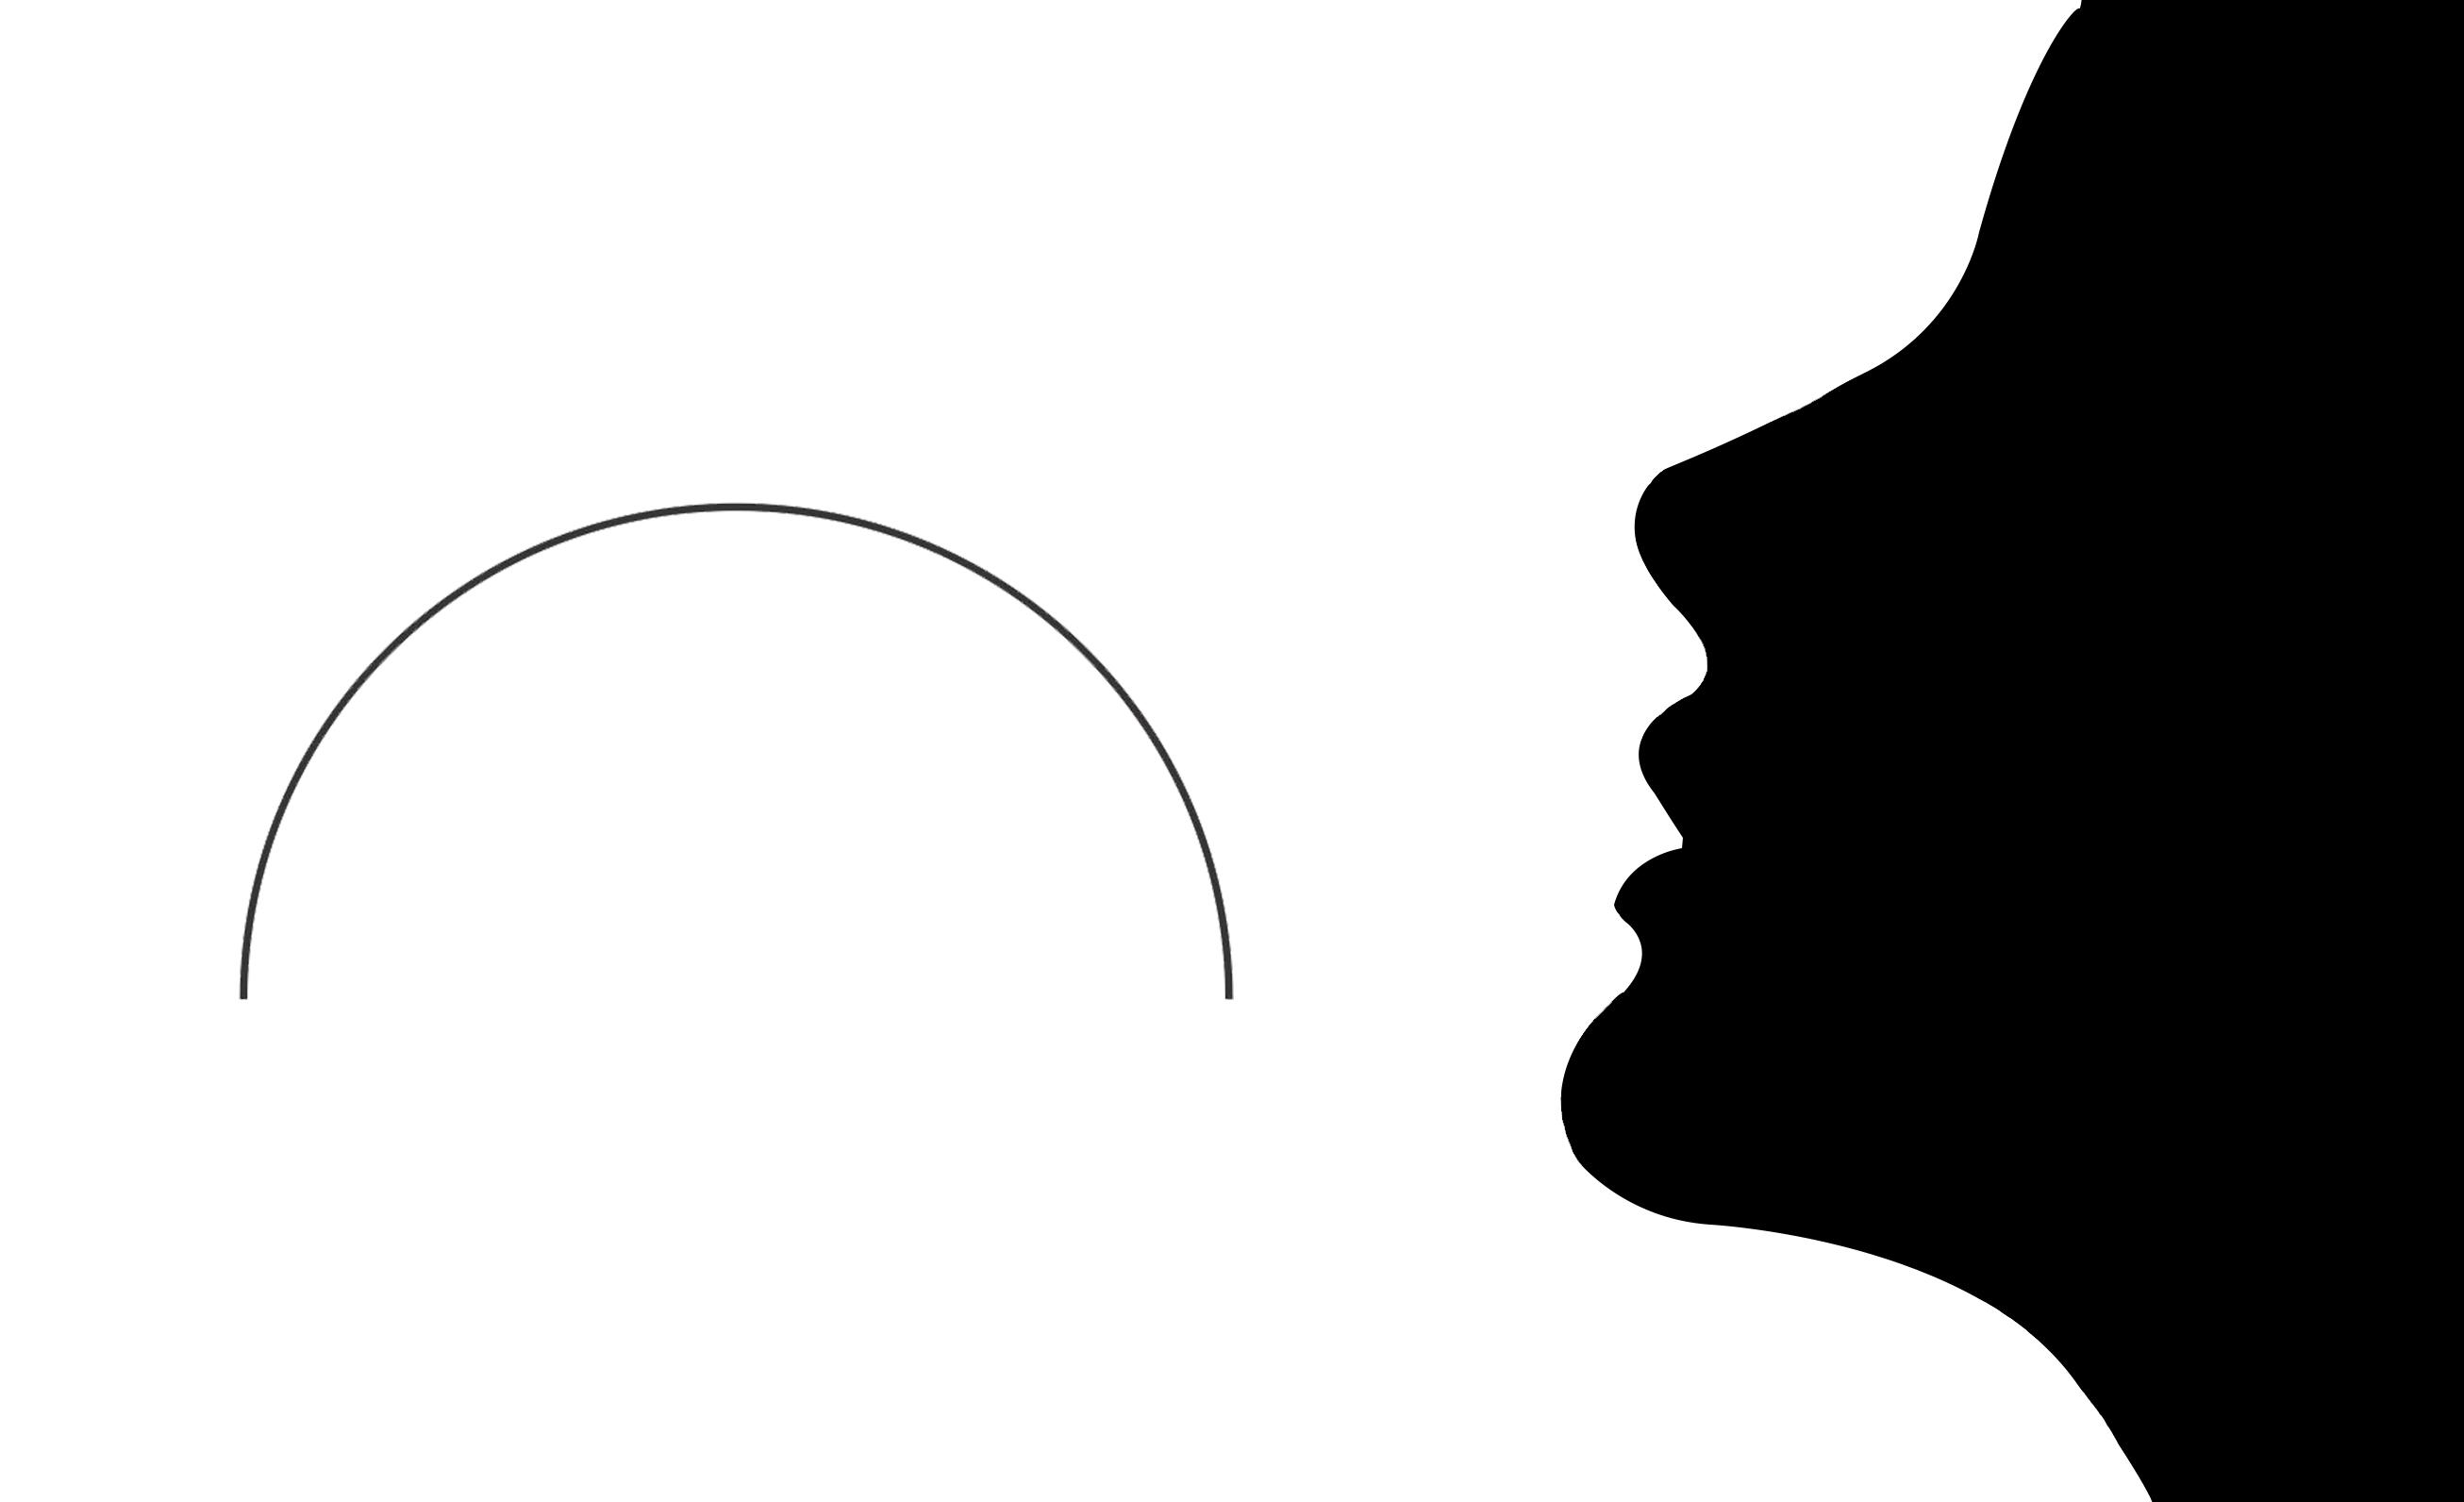 Perfil de rosto linhas suaves e femininas